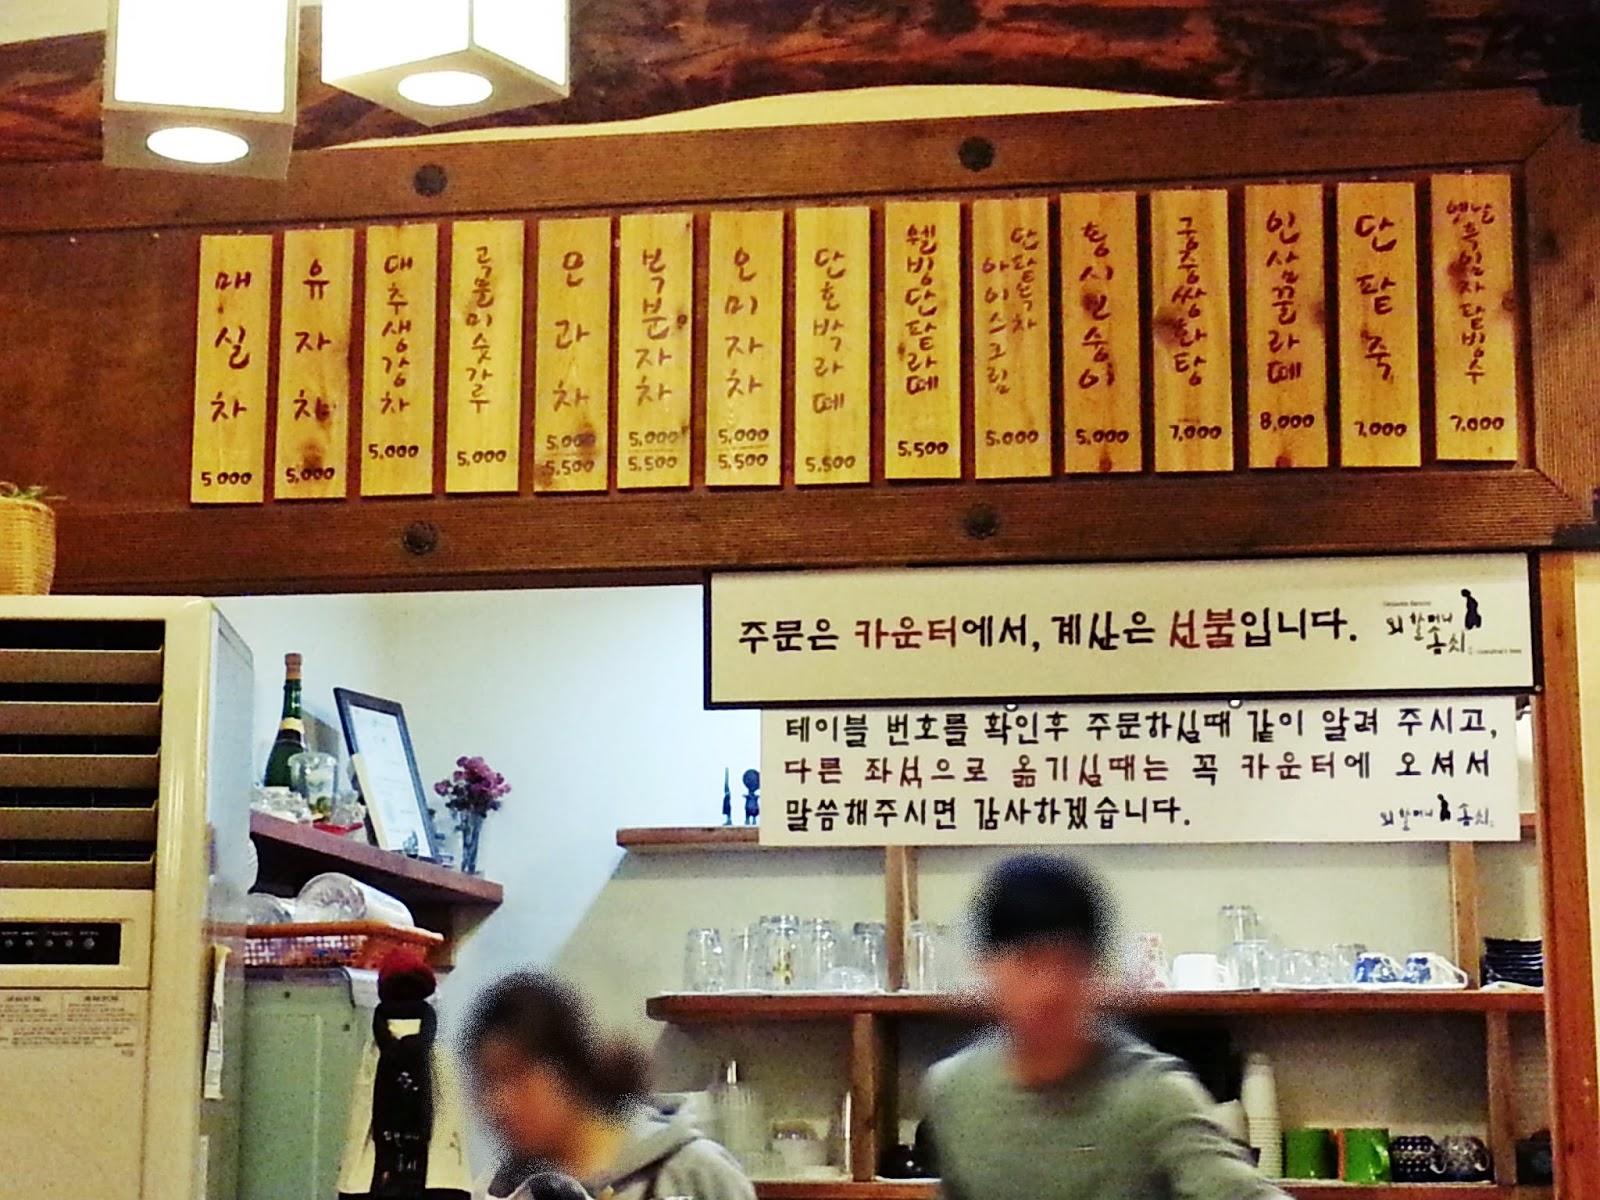 외할머니 솜씨 Sweet Red Bean Soup (단팥죽) | meheartsoul.blogspot.com